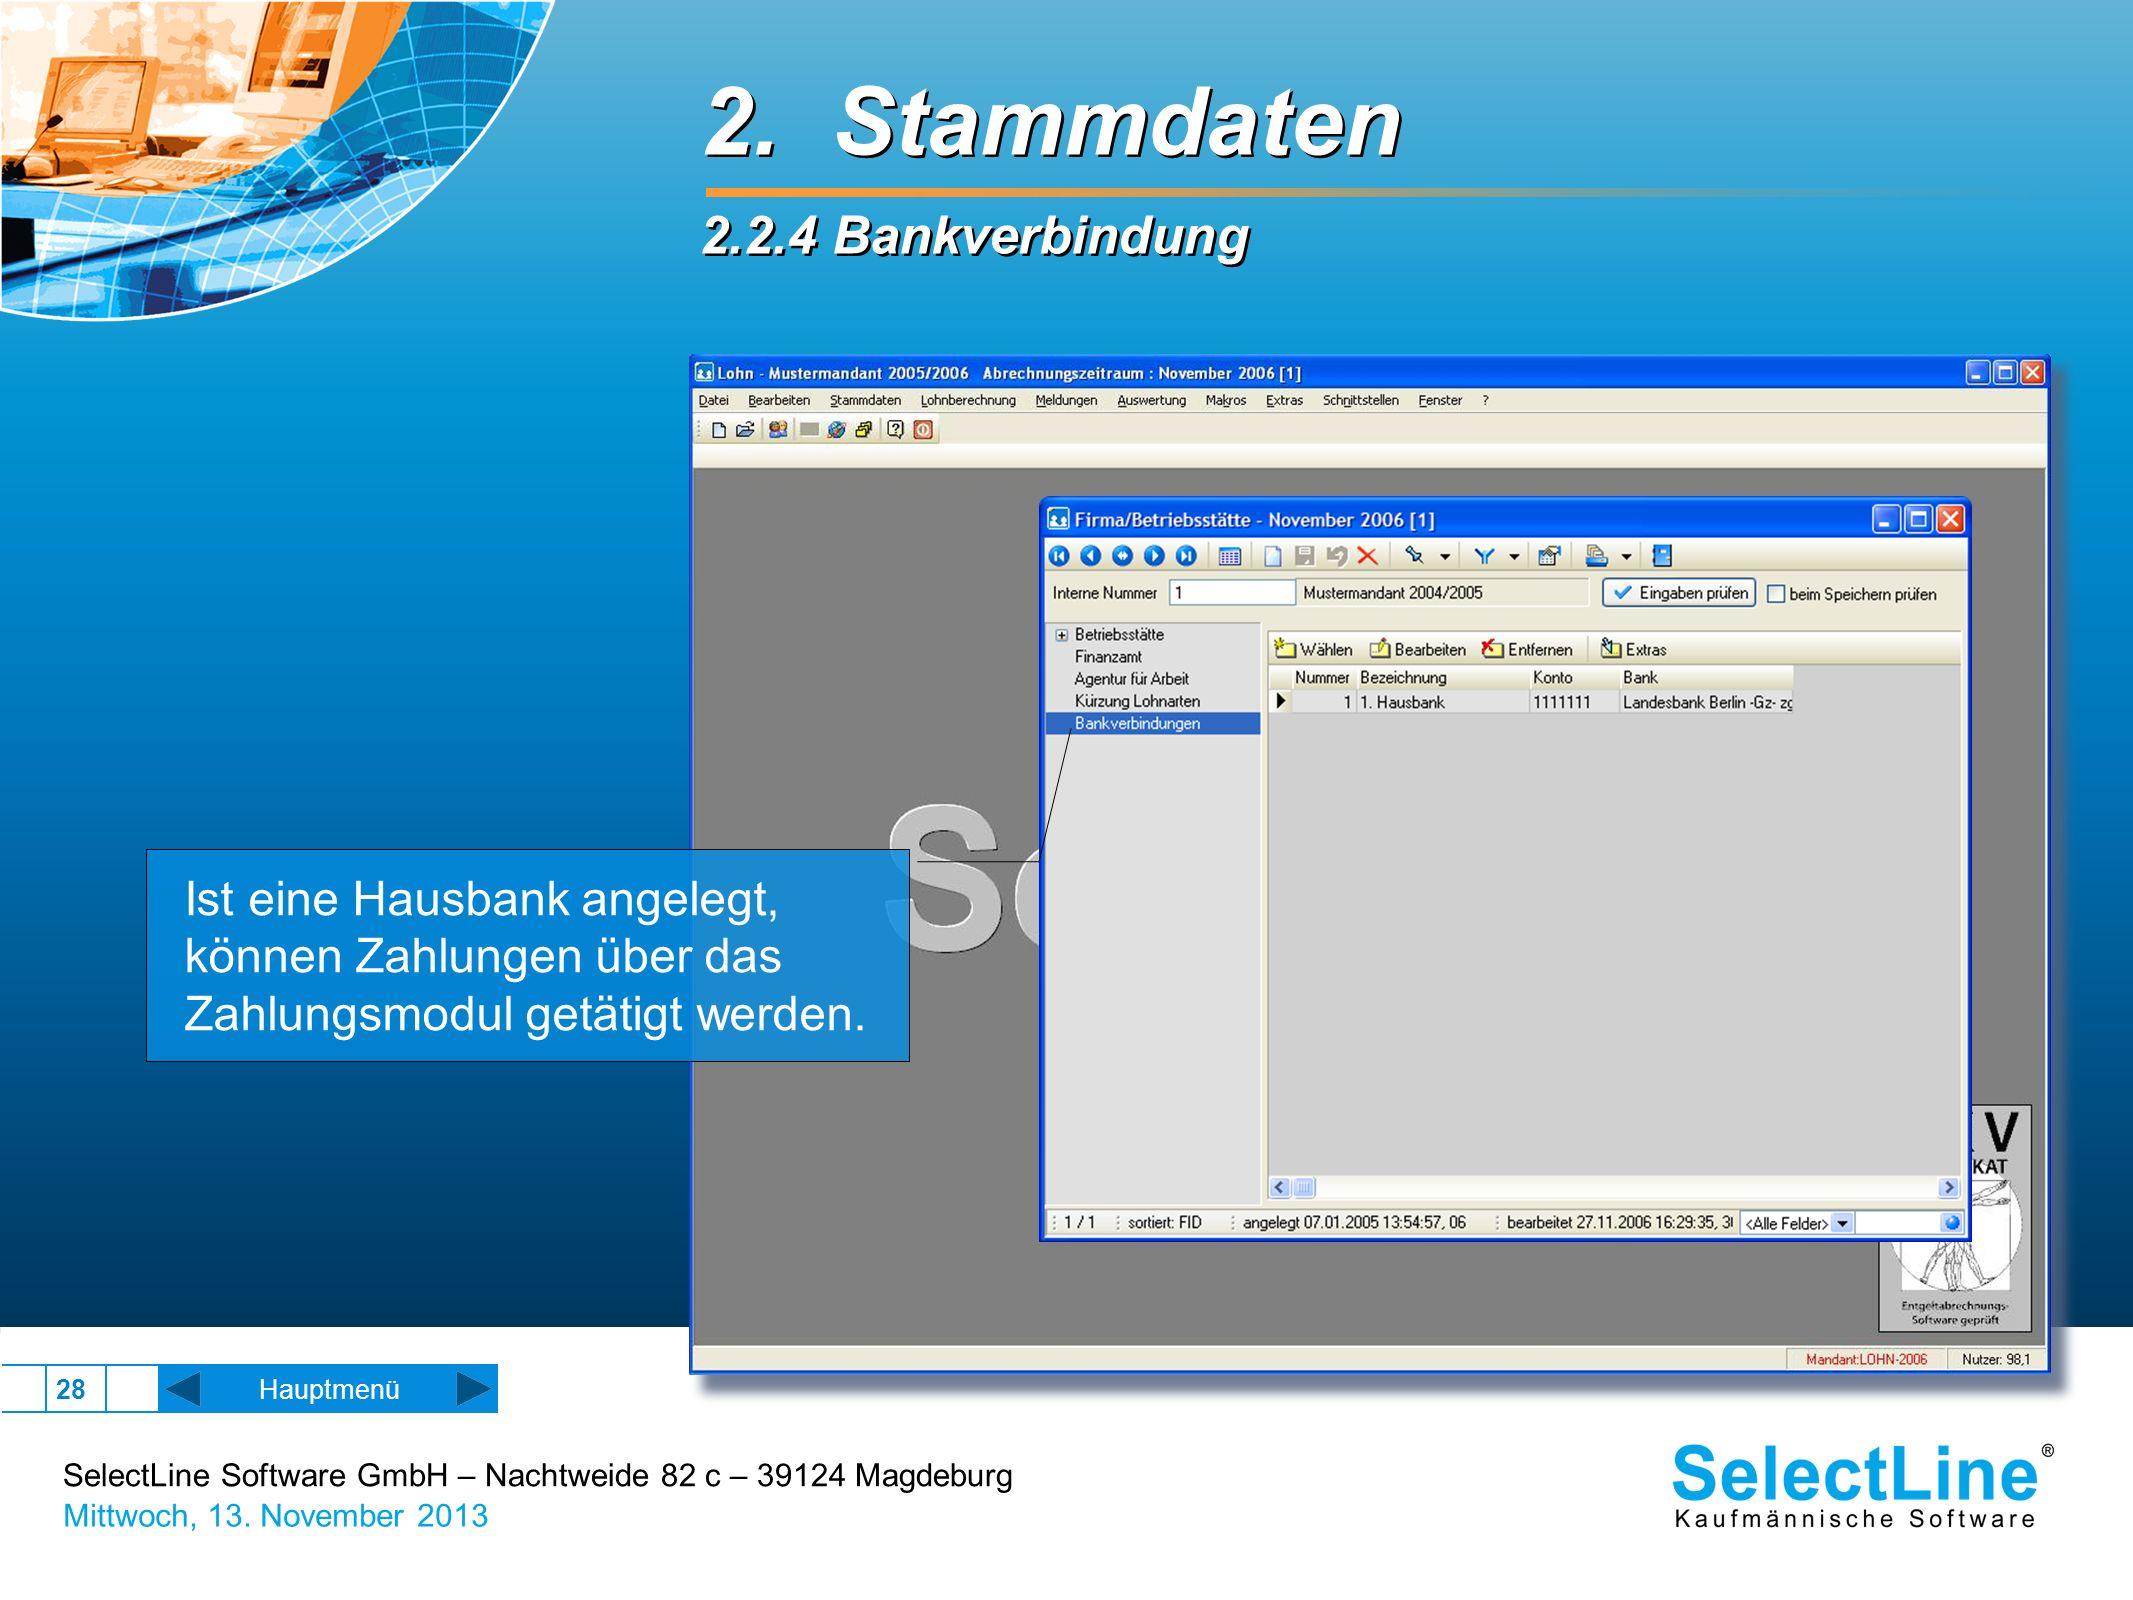 SelectLine Software GmbH – Nachtweide 82 c – 39124 Magdeburg Mittwoch, 13. November 2013 28 2. Stammdaten 2.2.4 Bankverbindung 2. Stammdaten 2.2.4 Ban